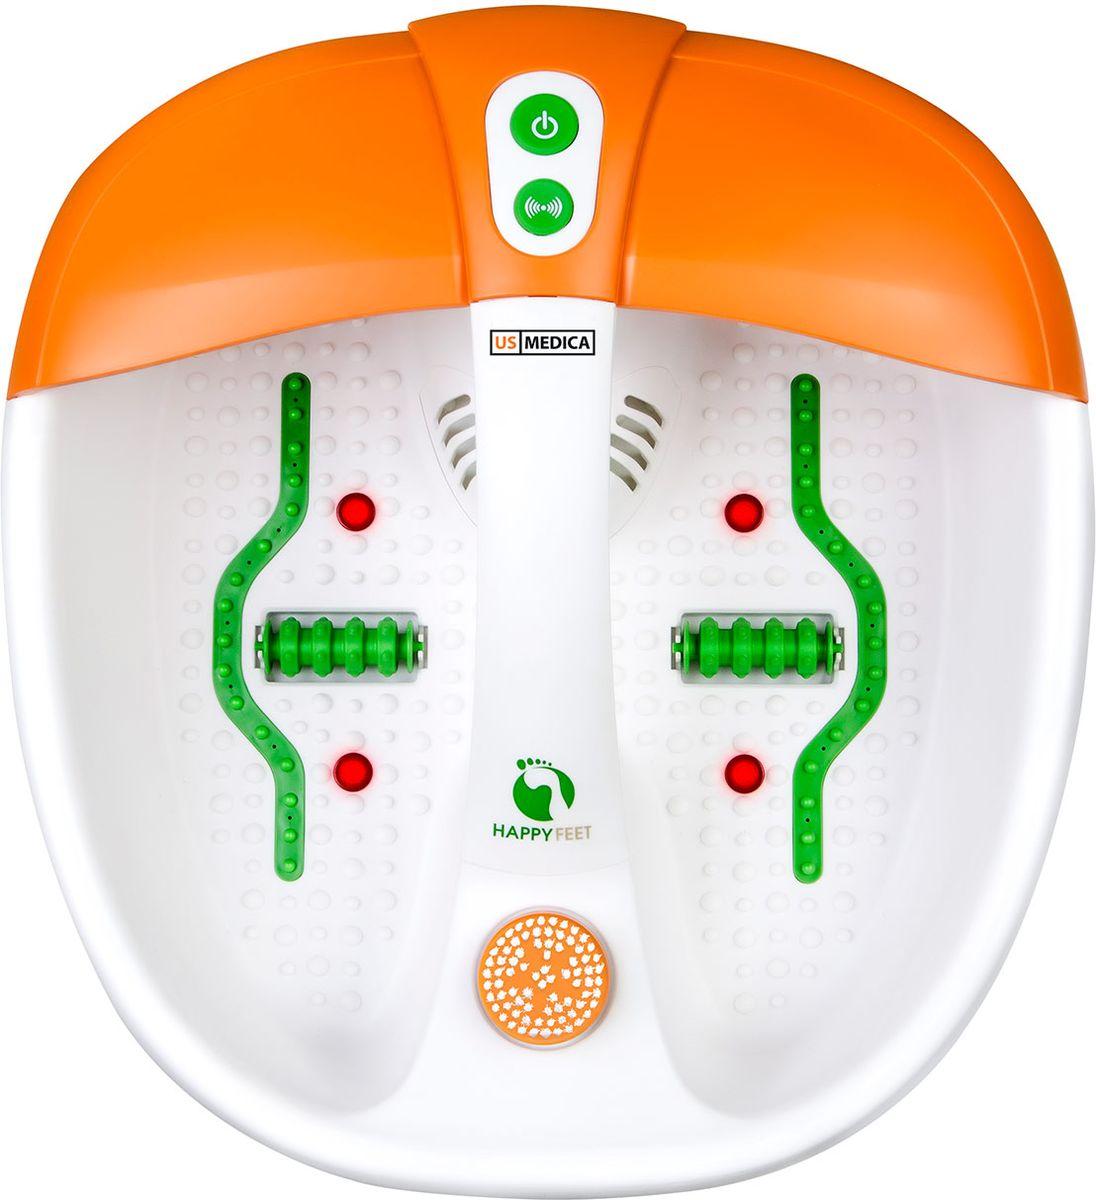 US Medica Гидромассажная ванна для ног Happy Feet (белый/оранжевый)